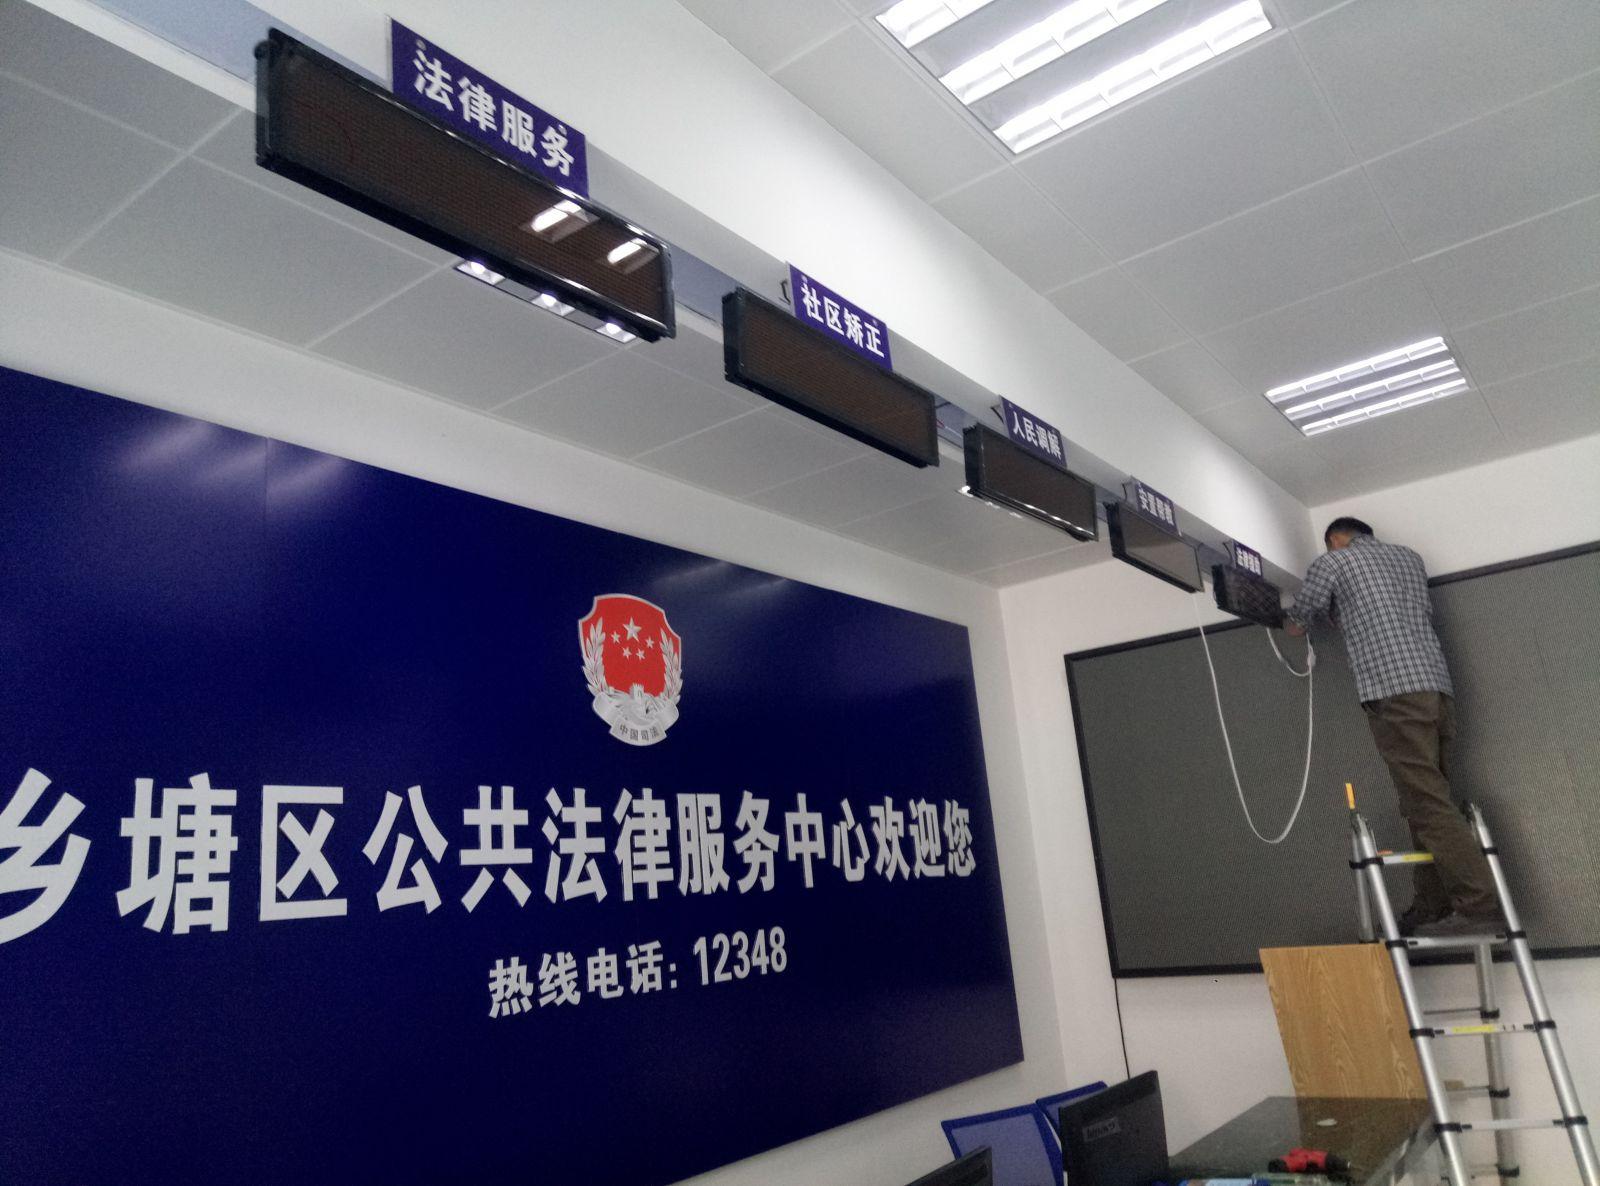 柳州南宁司法局排队机触摸查询机项目